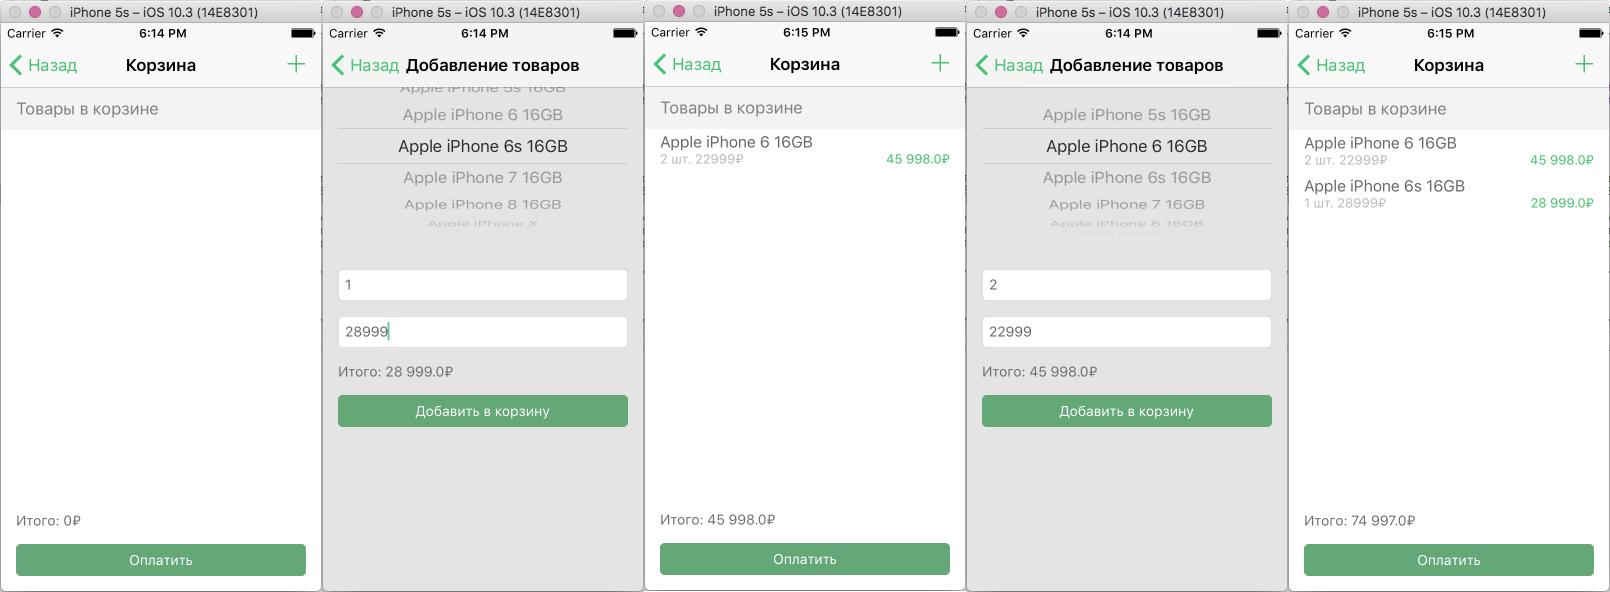 Система подсчета стоимости товаров и корзина iOS